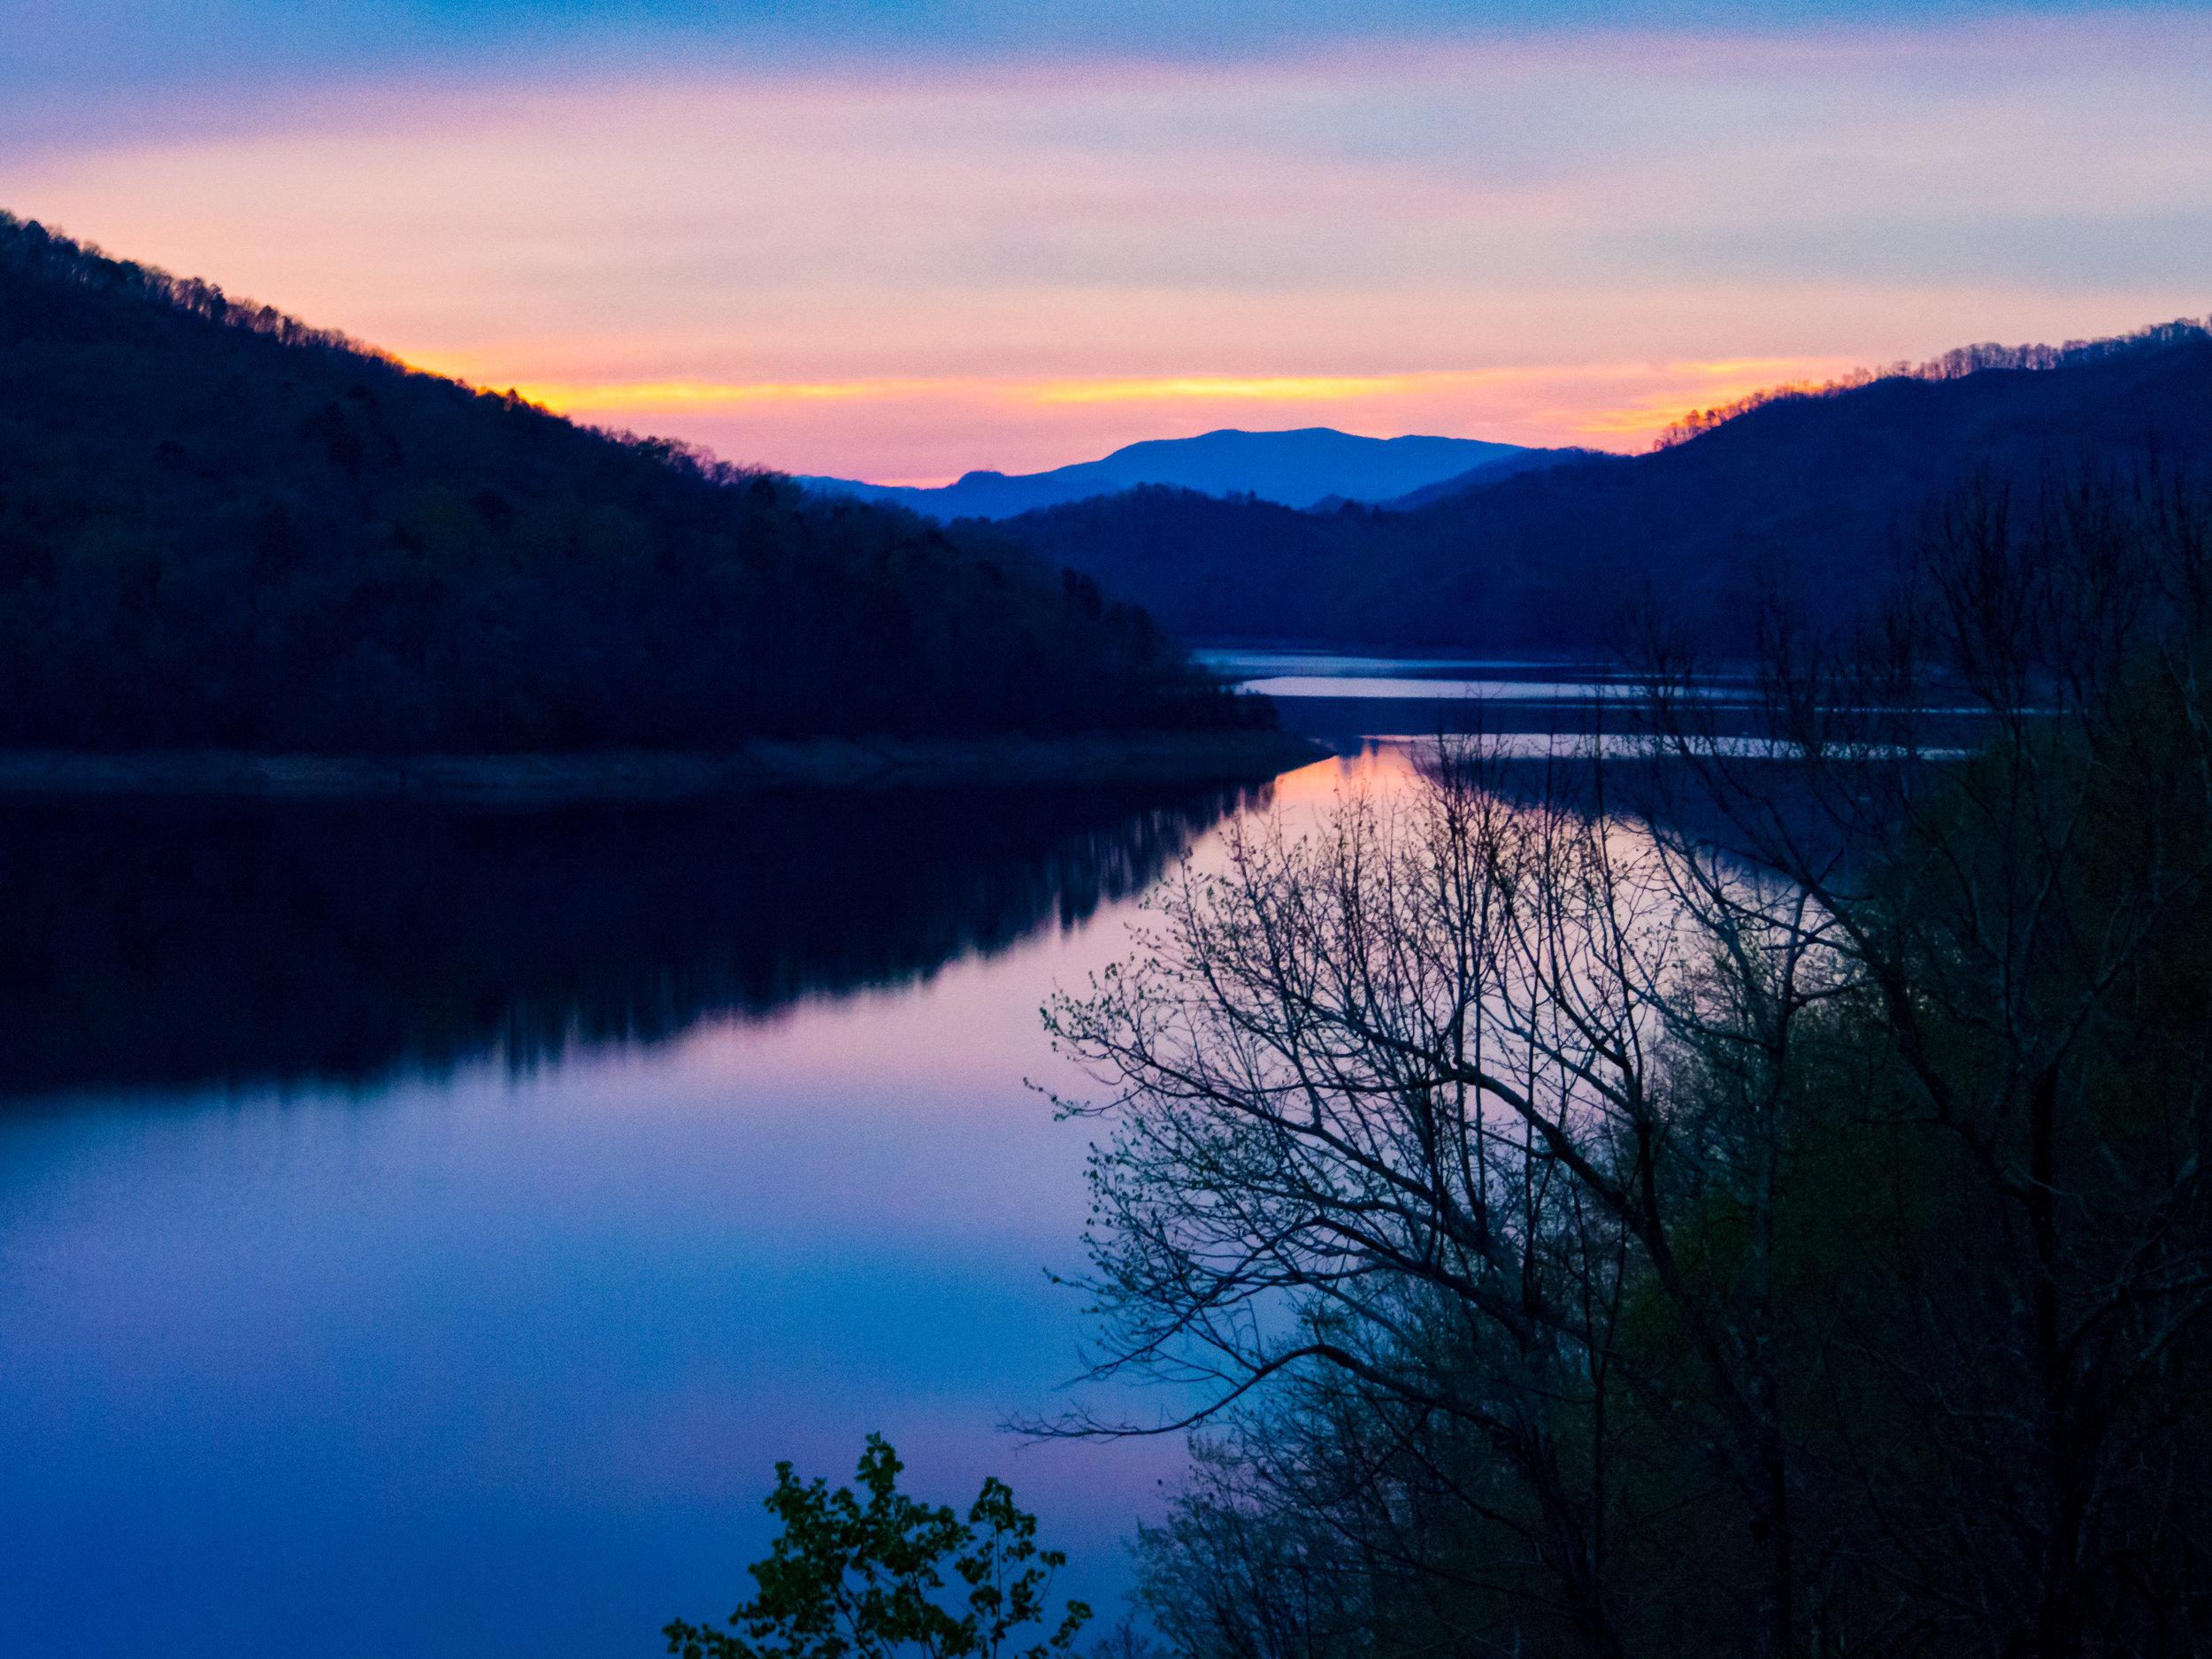 Sunset at Fontana Dam.